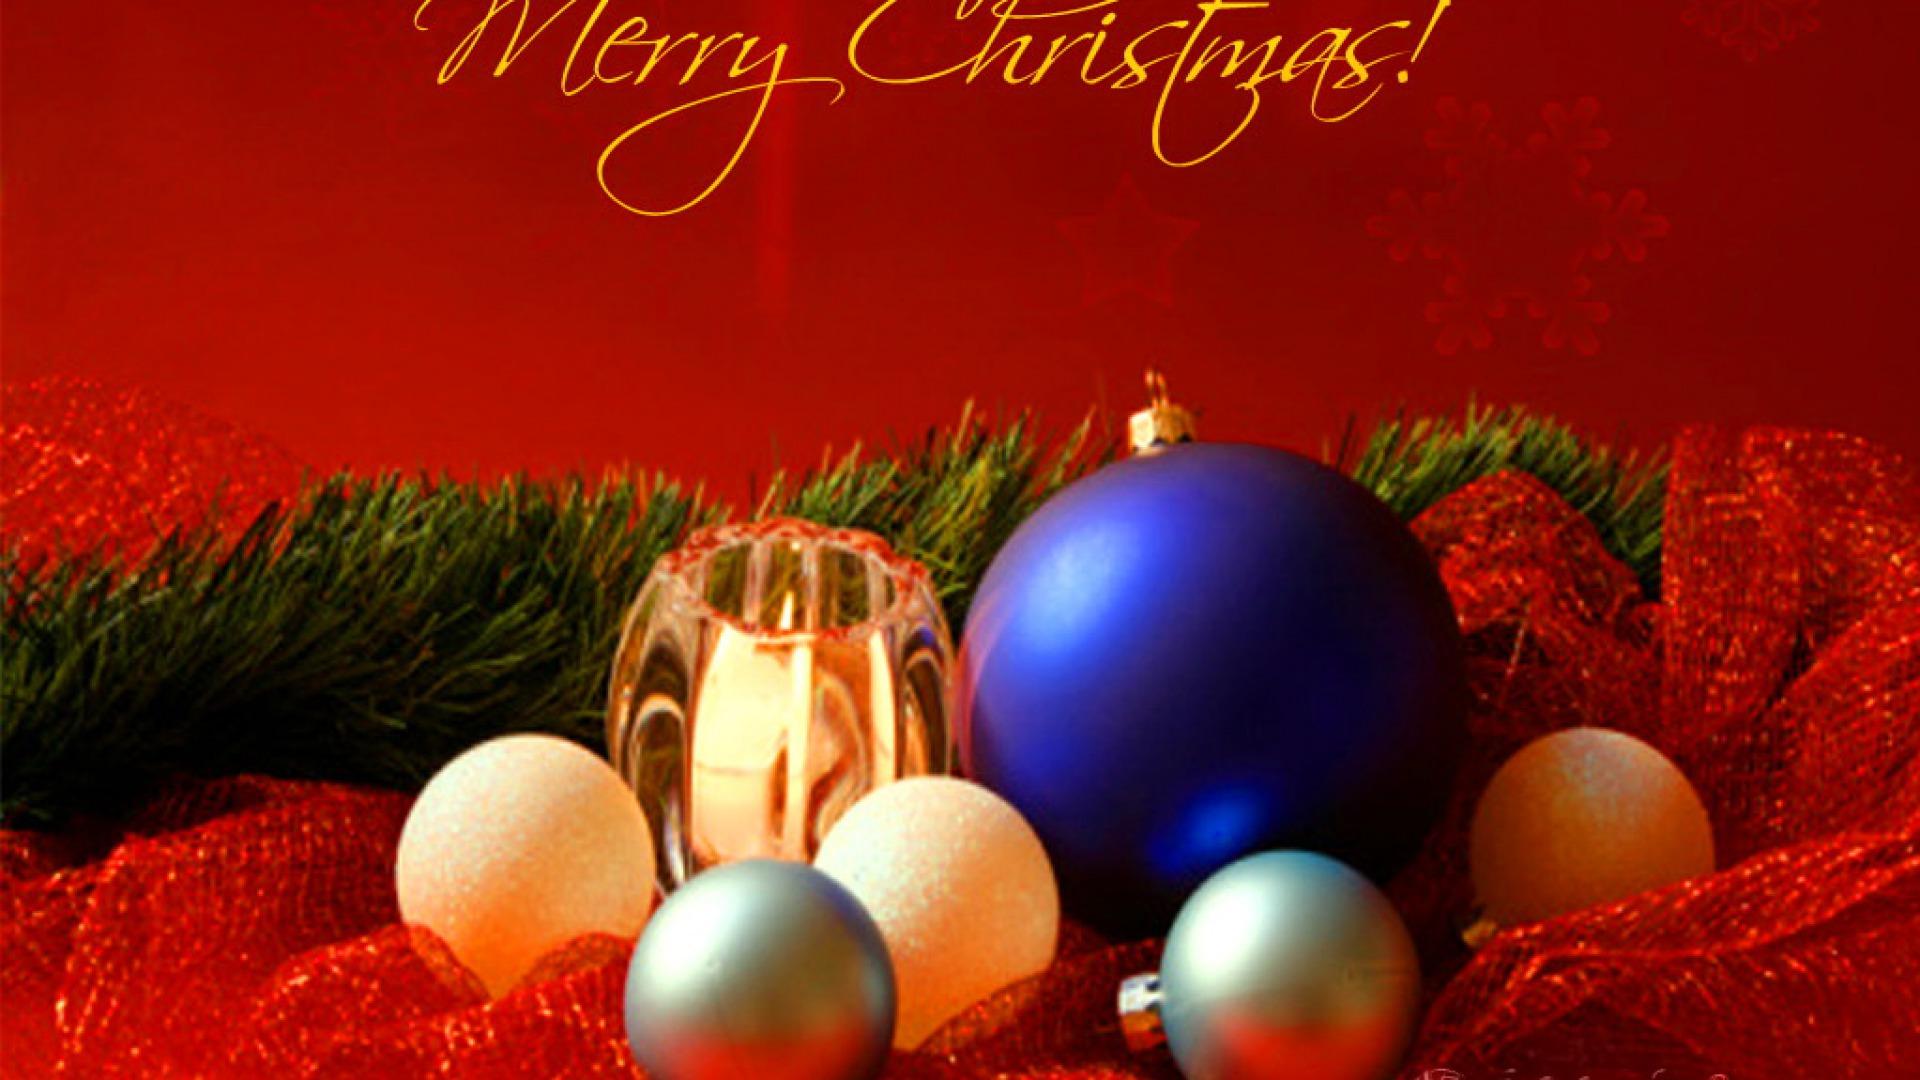 Bộ Sưu Tập Ảnh Giáng Sinh - Page 5 103aw